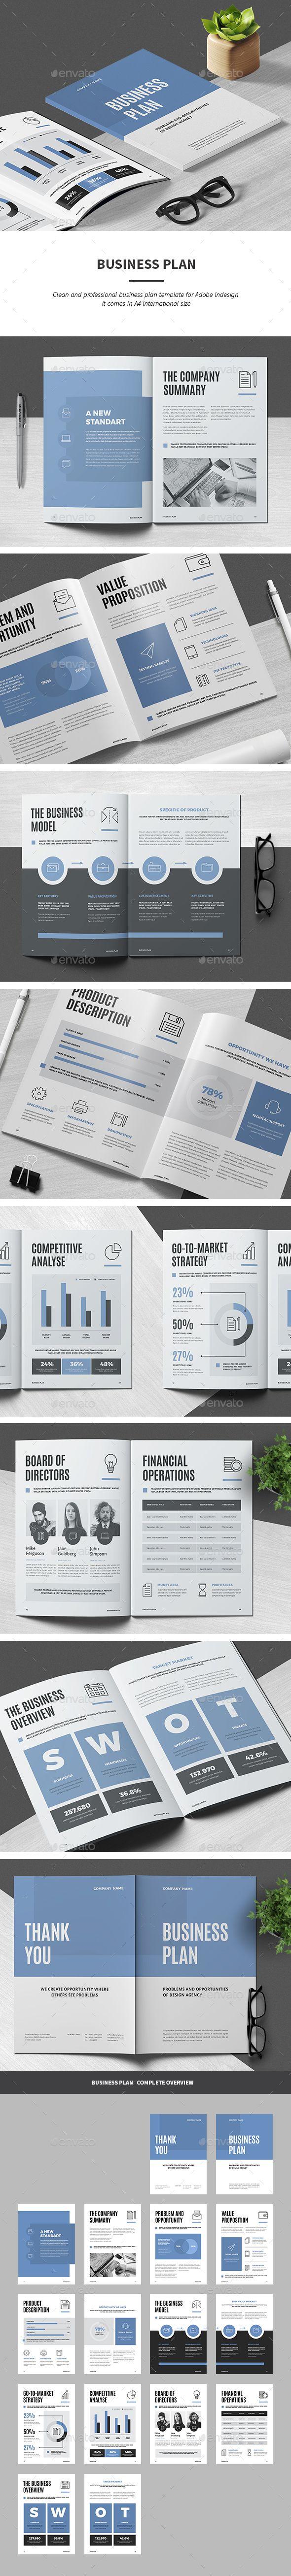 Business Plan | Diseño editorial y Editorial